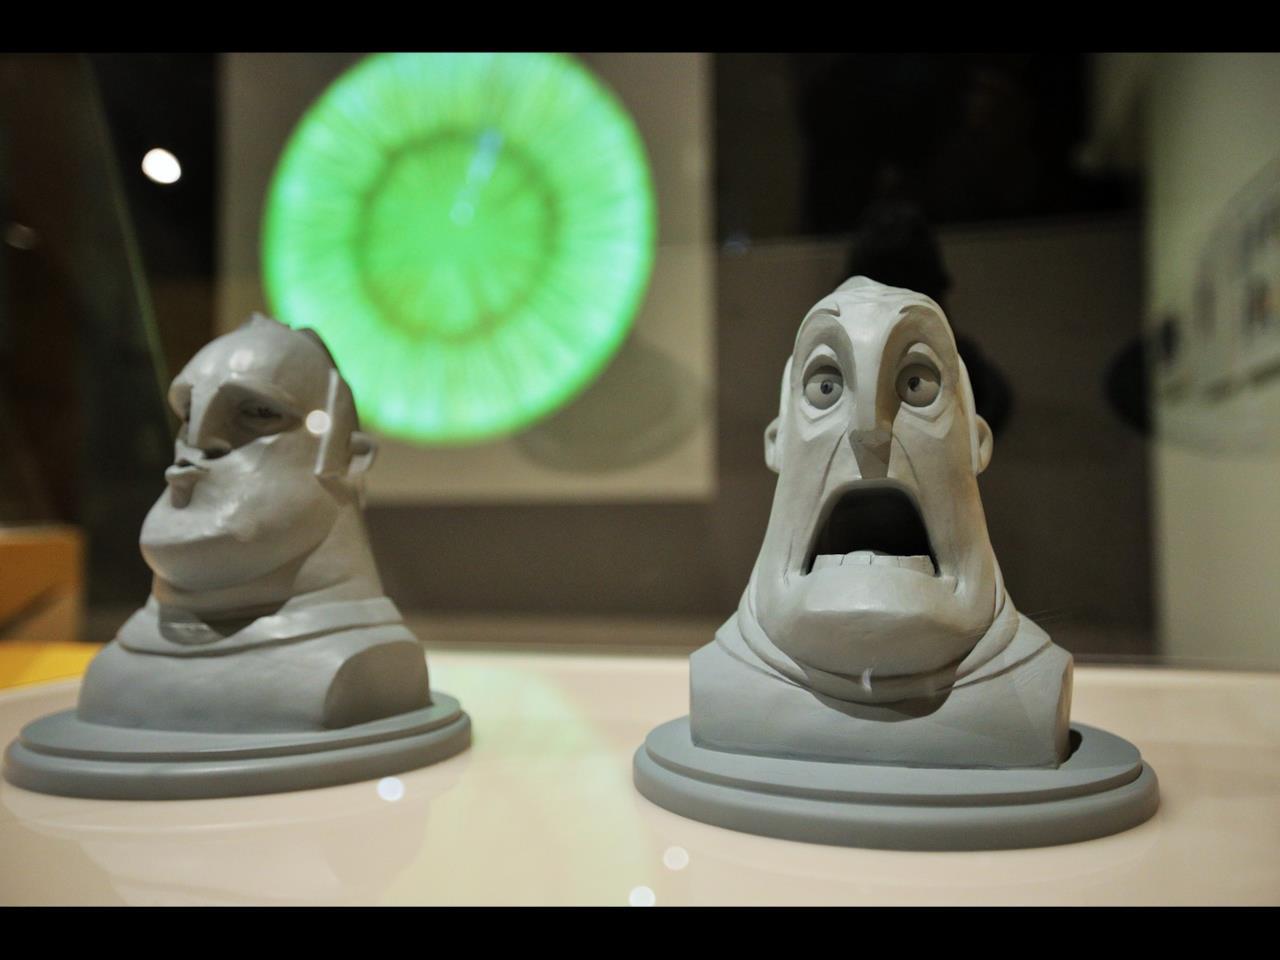 Uno dei personaggi de Gli Incredibili, uno dei capolavori Pixar